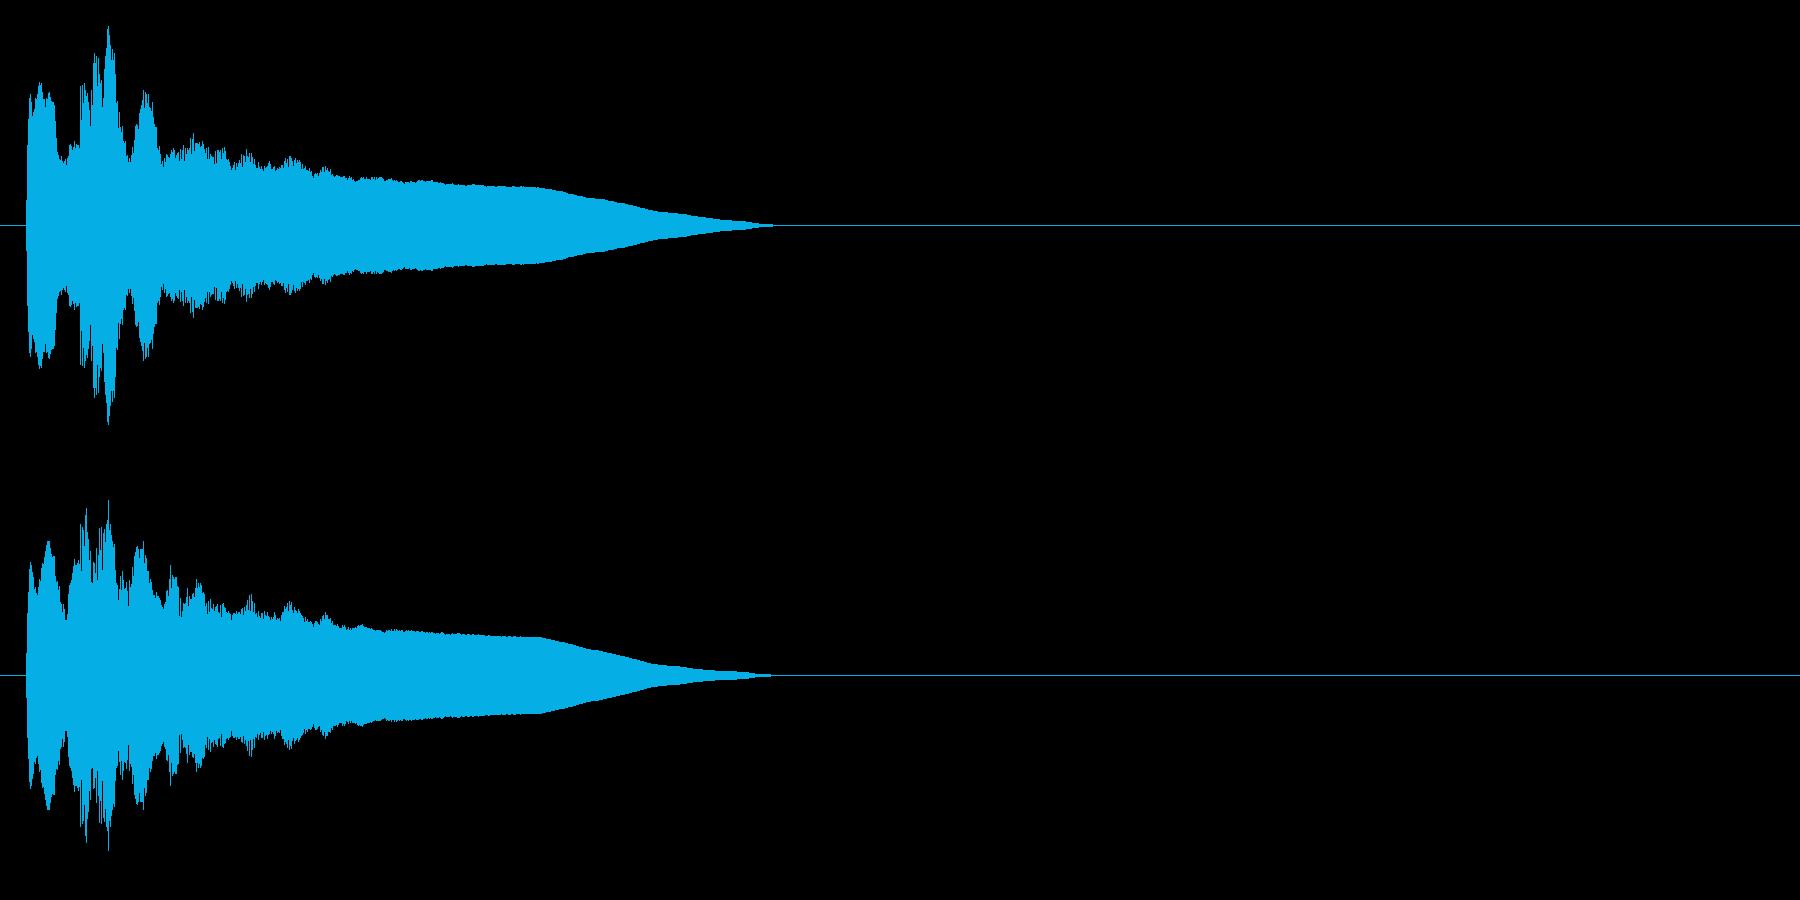 ピンポン系3 シンセの再生済みの波形